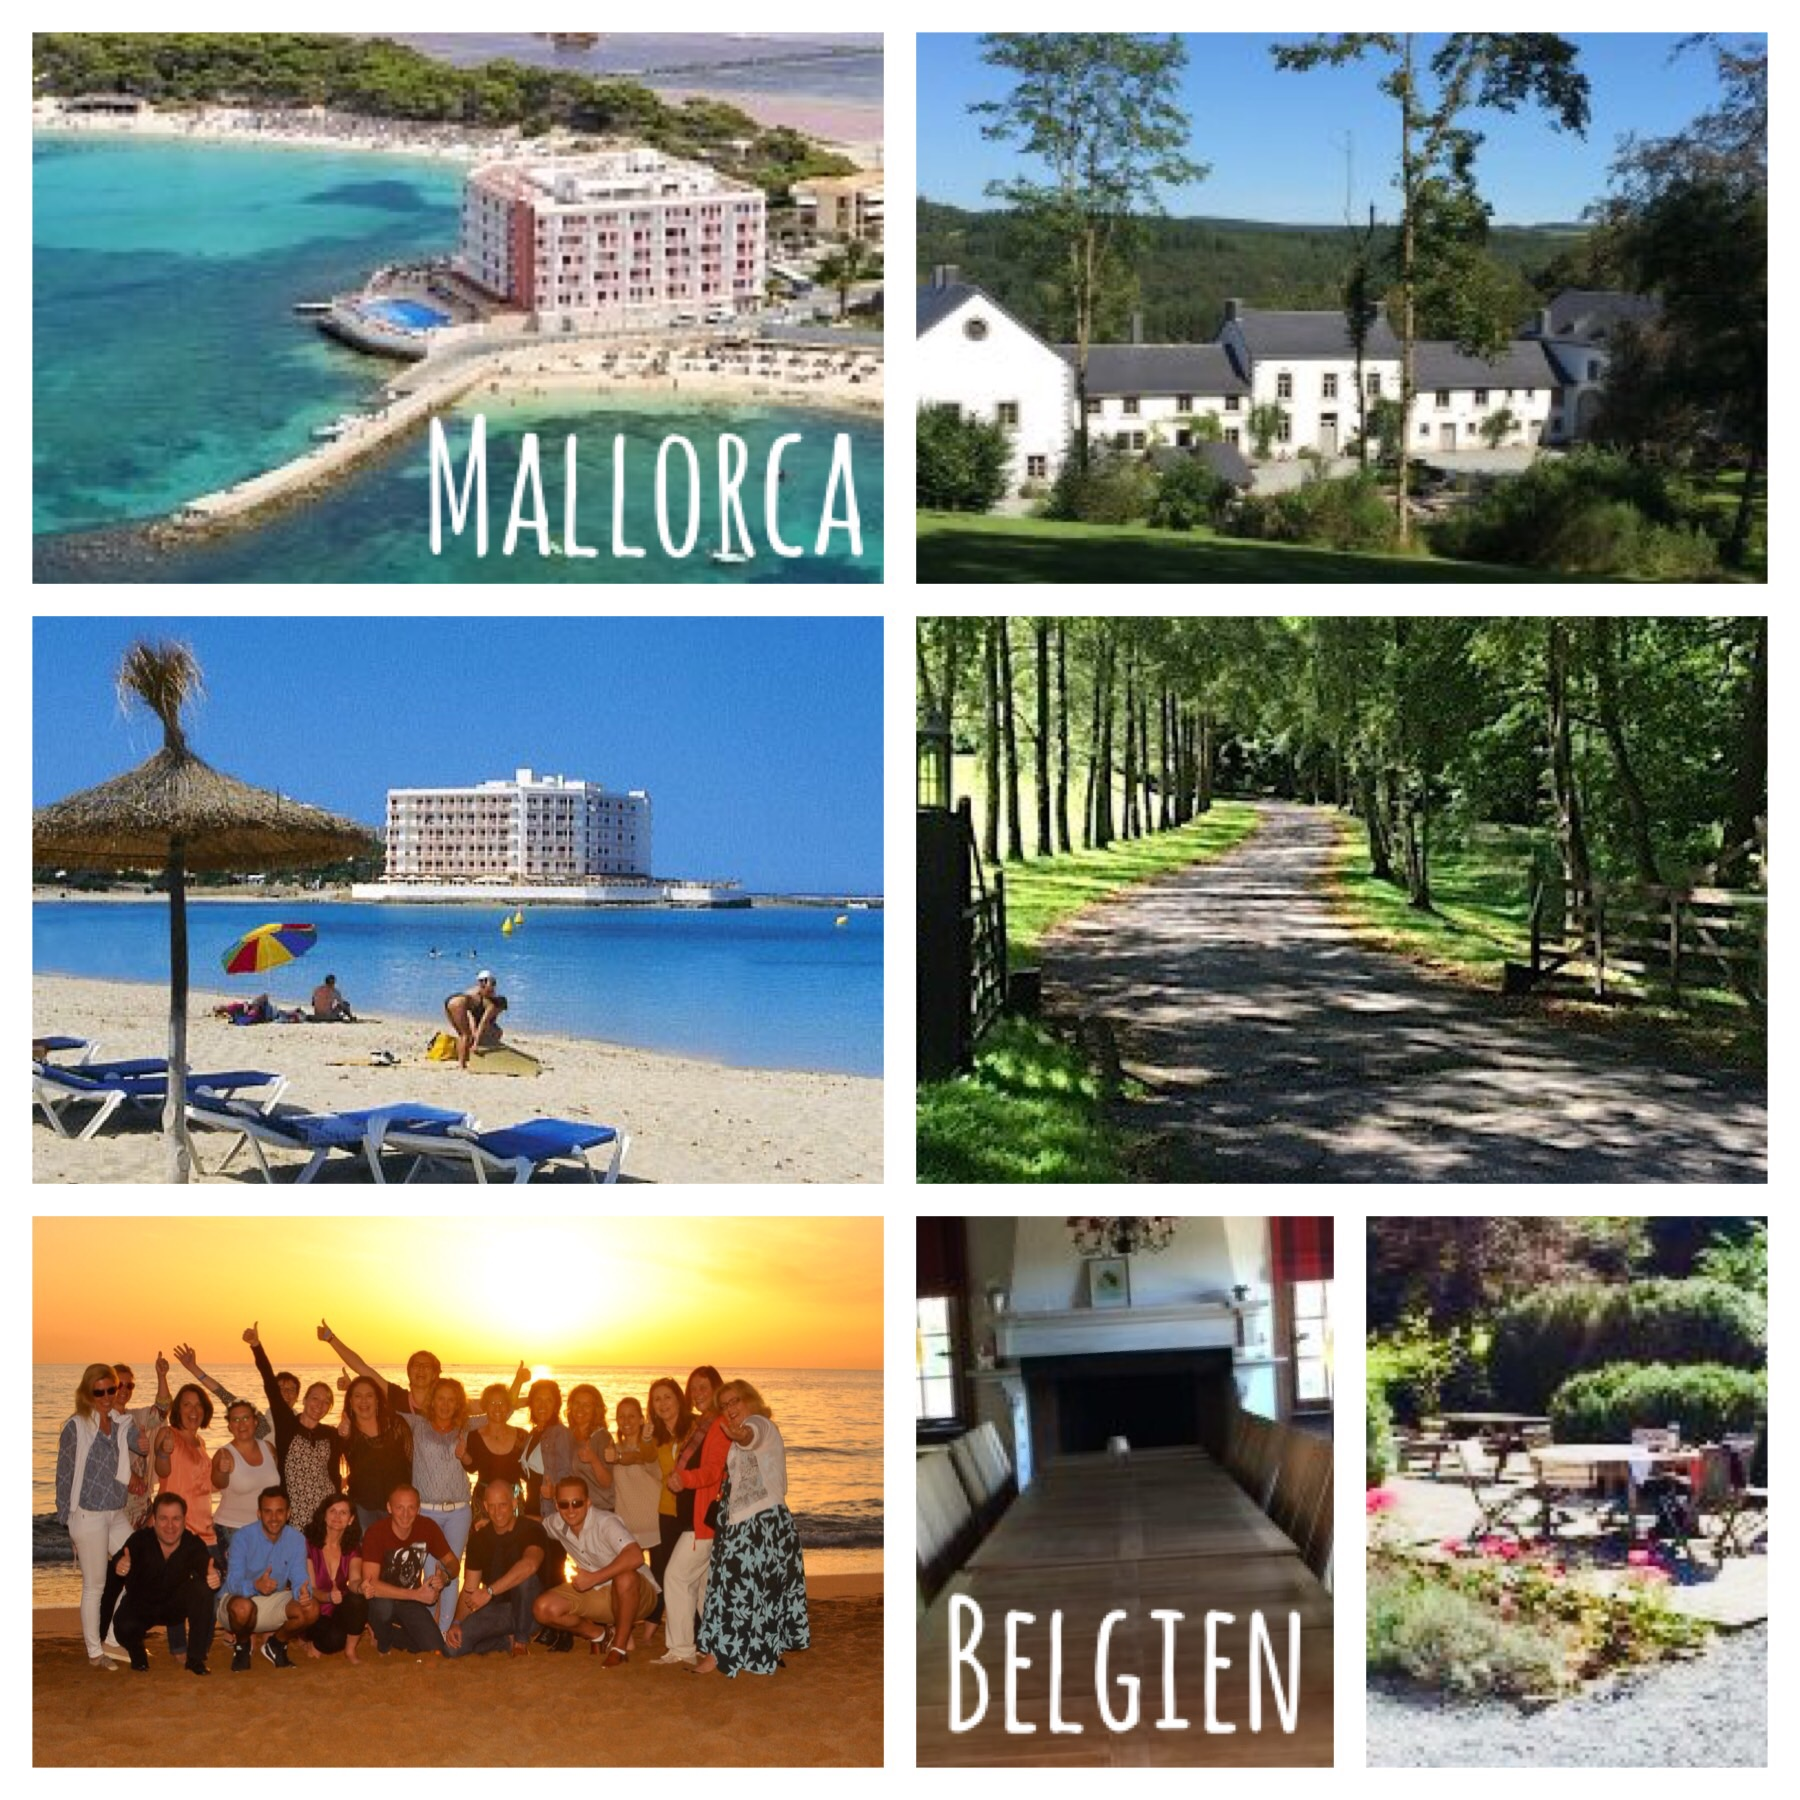 Bilder Mallorca und Belgien